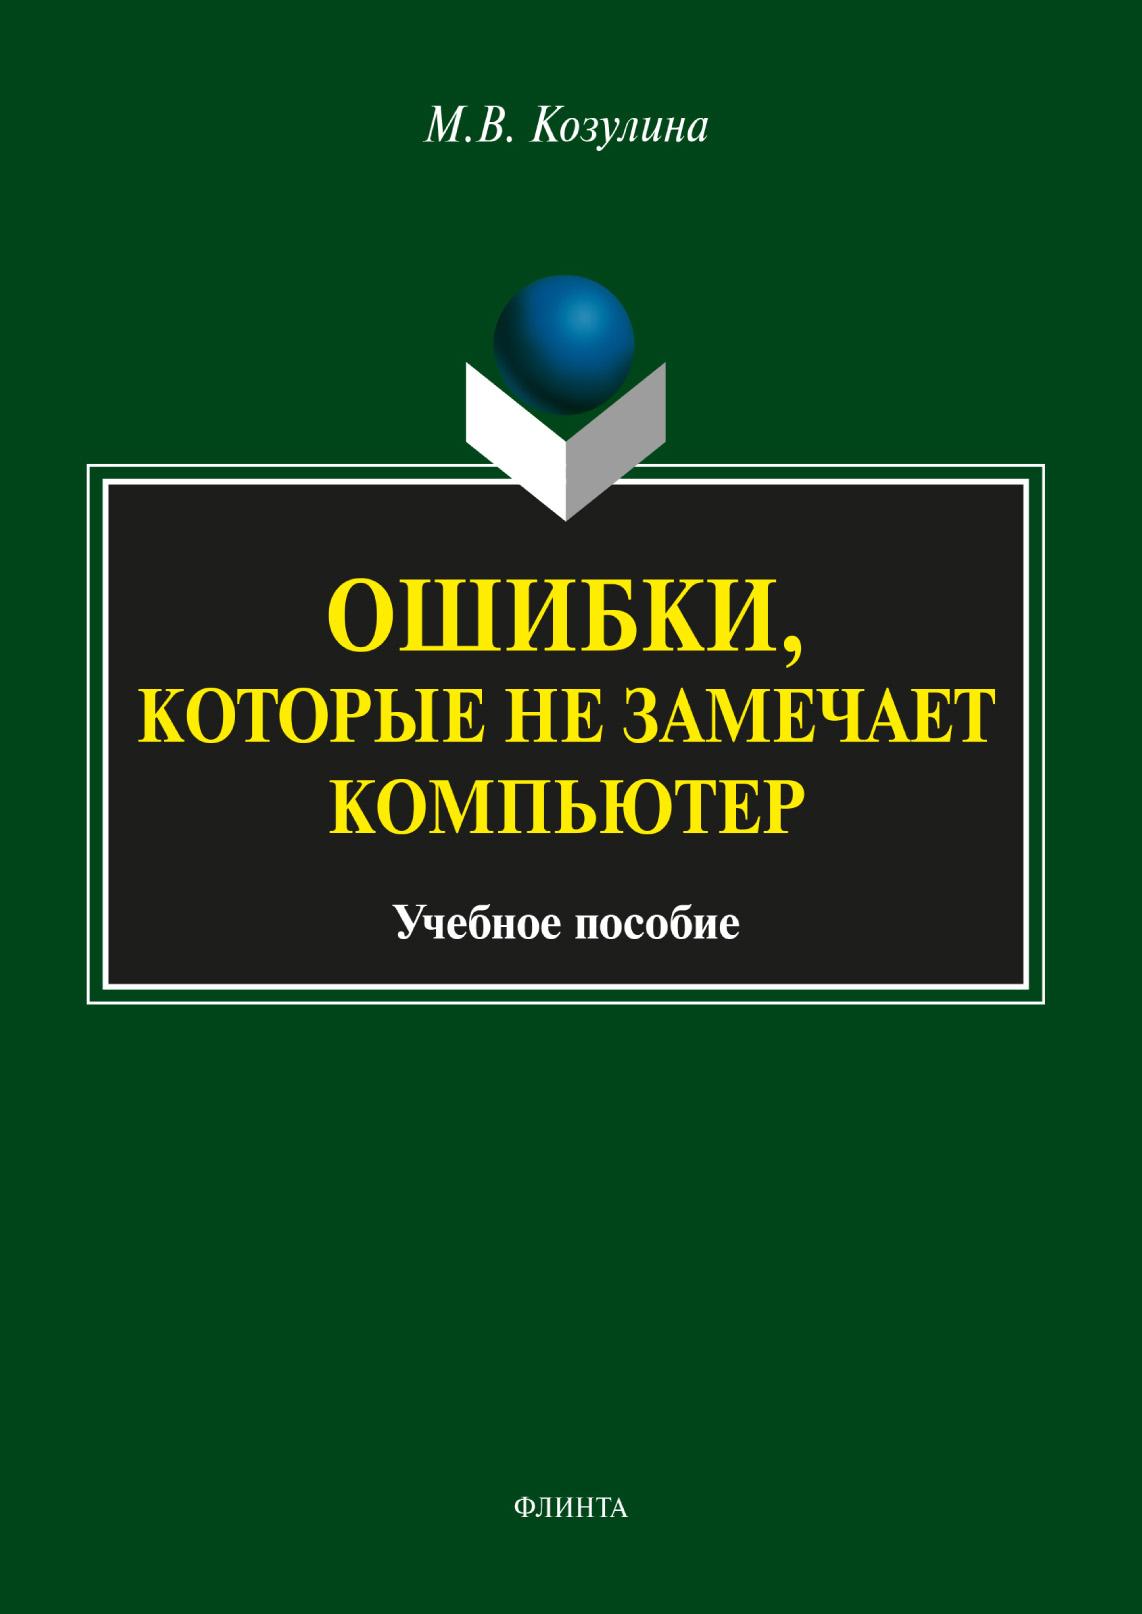 М. В. Козулина Ошибки, которые не замечает компьютер. Учебное пособие